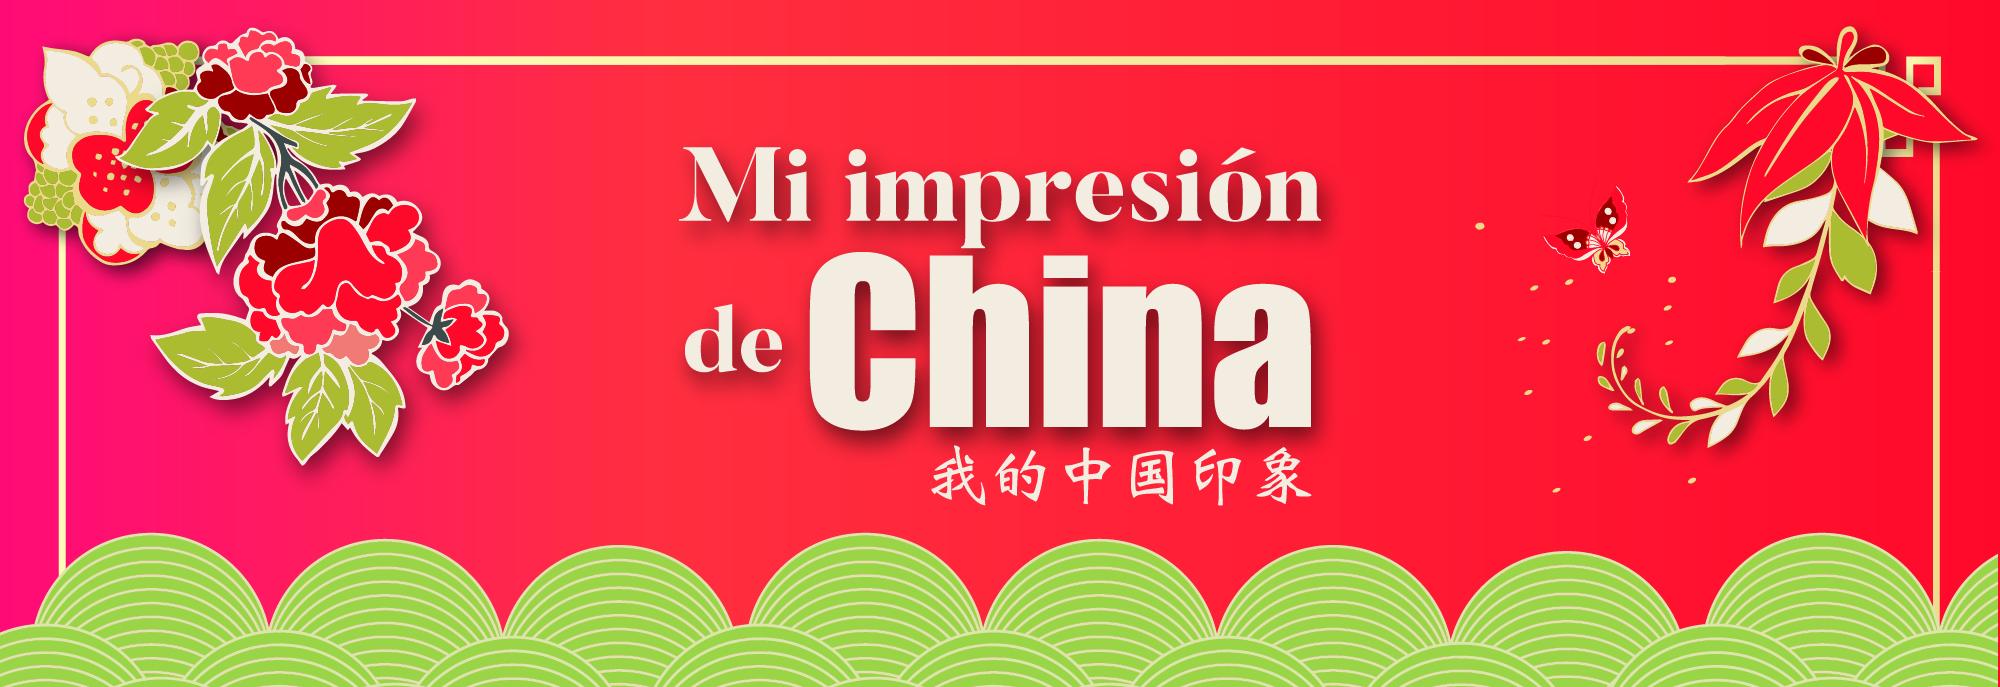 Bases del concurso 'Mi impresión de China'